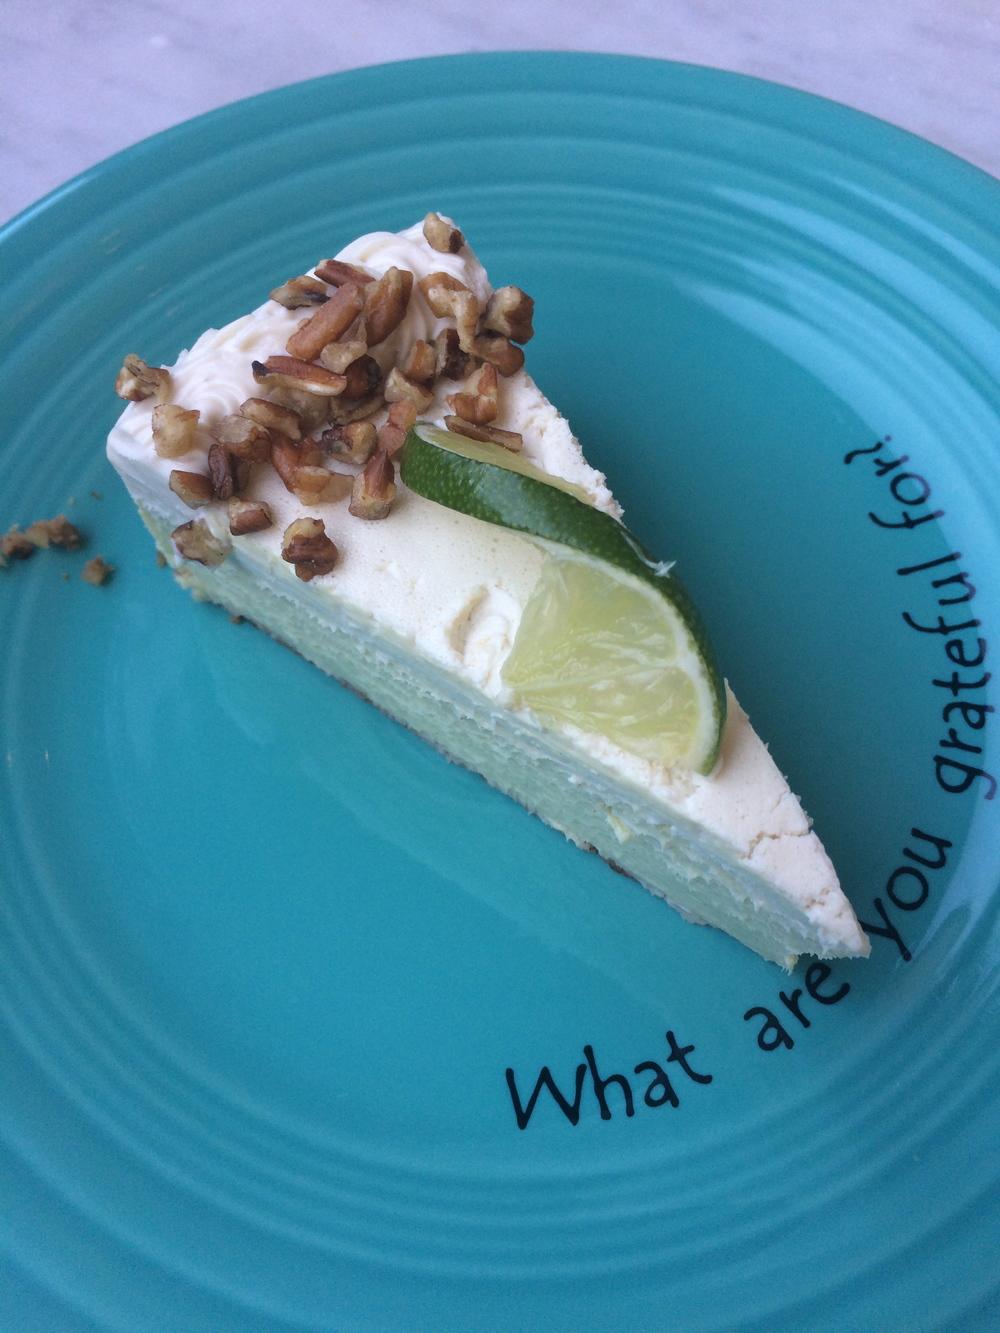 Cafe Gratitude - AWAKENING Key Lime Pie.